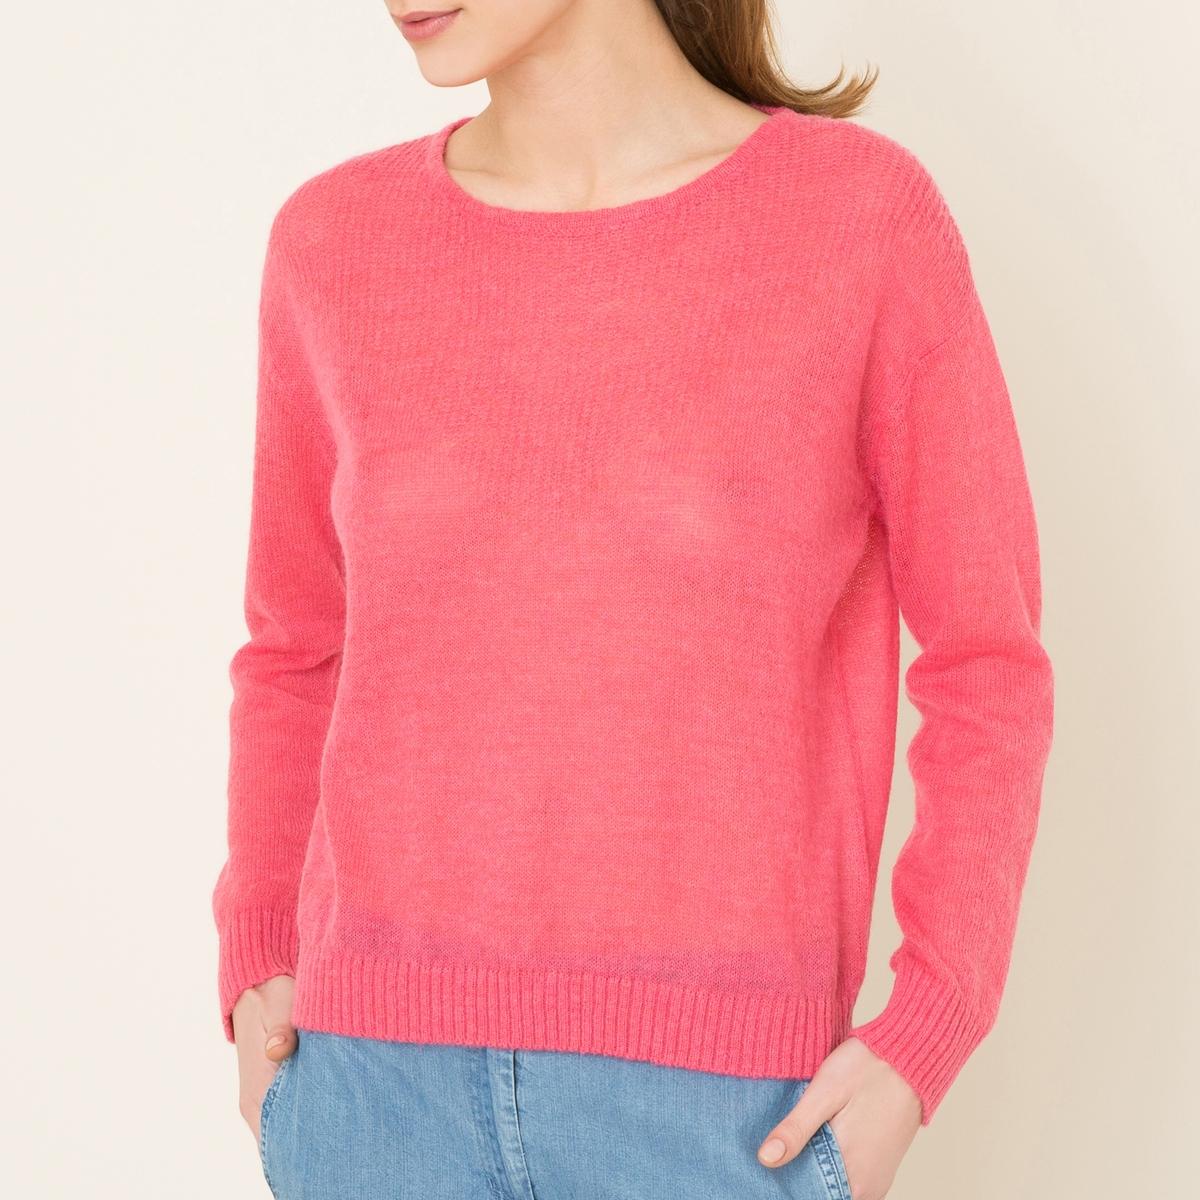 Пуловер с круглым вырезом NASHСостав и описание   Материал : 44% нейлона, 42% шерсти, 14% альпаки    Марка : LEON AND HARPER<br><br>Цвет: розовый